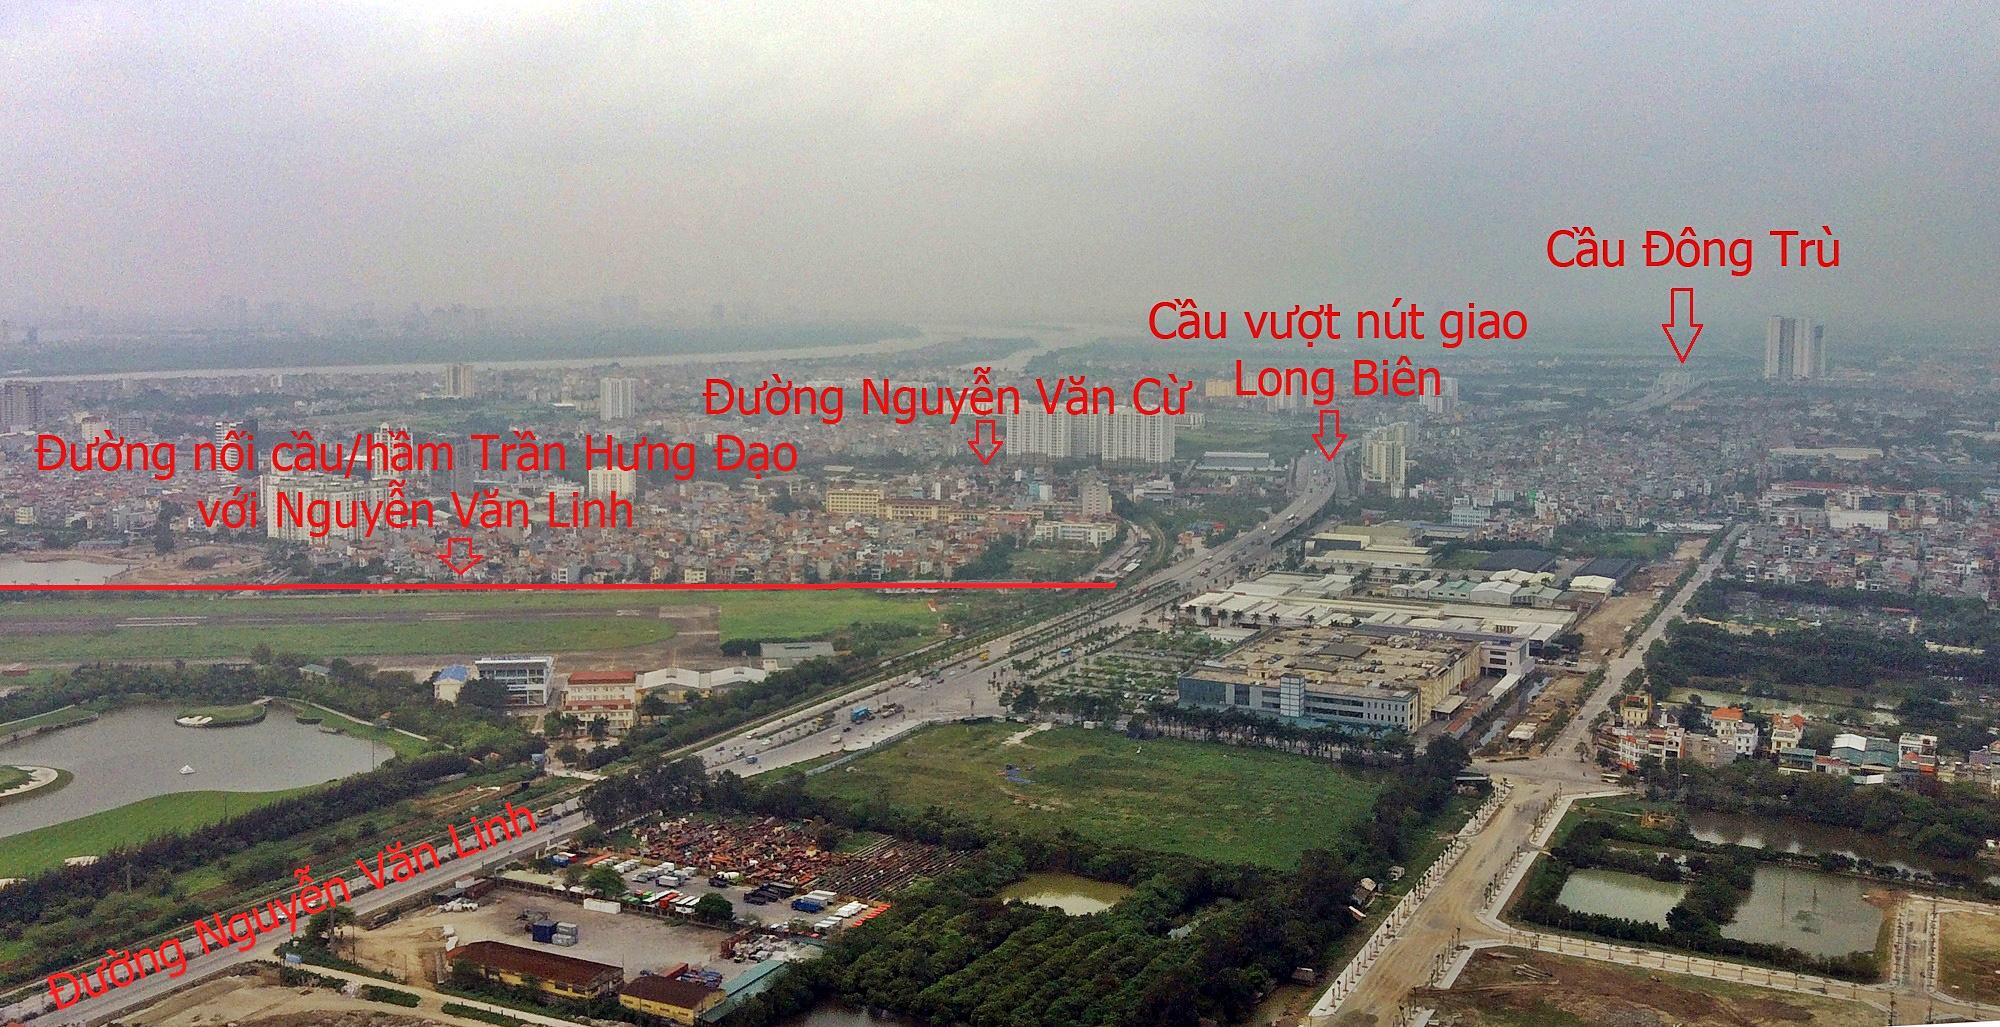 Cầu sẽ mở theo qui hoạch ở Hà Nội: Toàn cảnh cầu/hầm Trần Hưng Đạo nối quận Hoàn Kiếm - Long Biên - Ảnh 16.